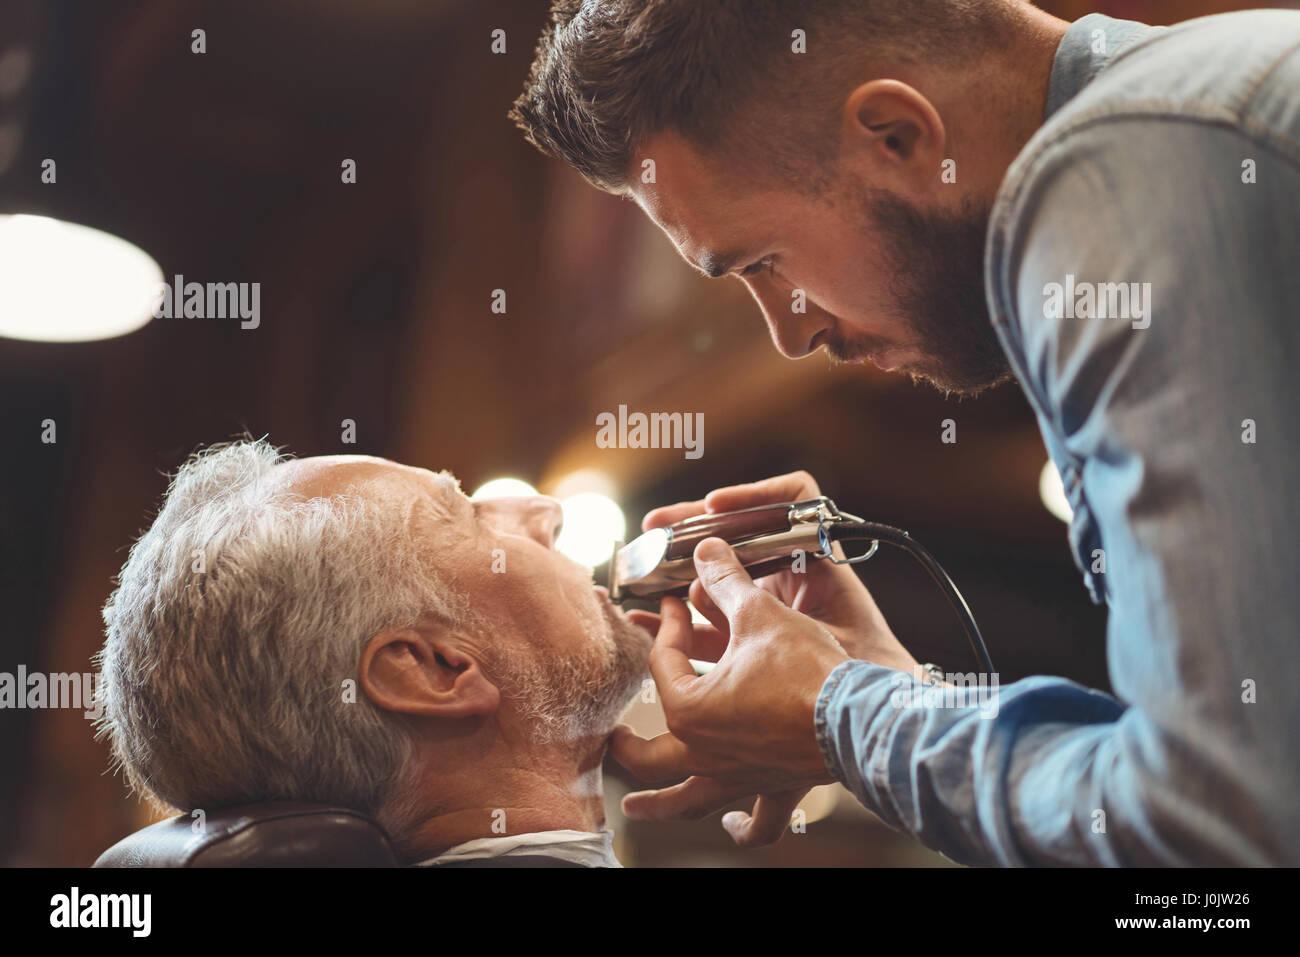 Impassible coiffure couper barbe de l'ancien client dans le barbershop Photo Stock